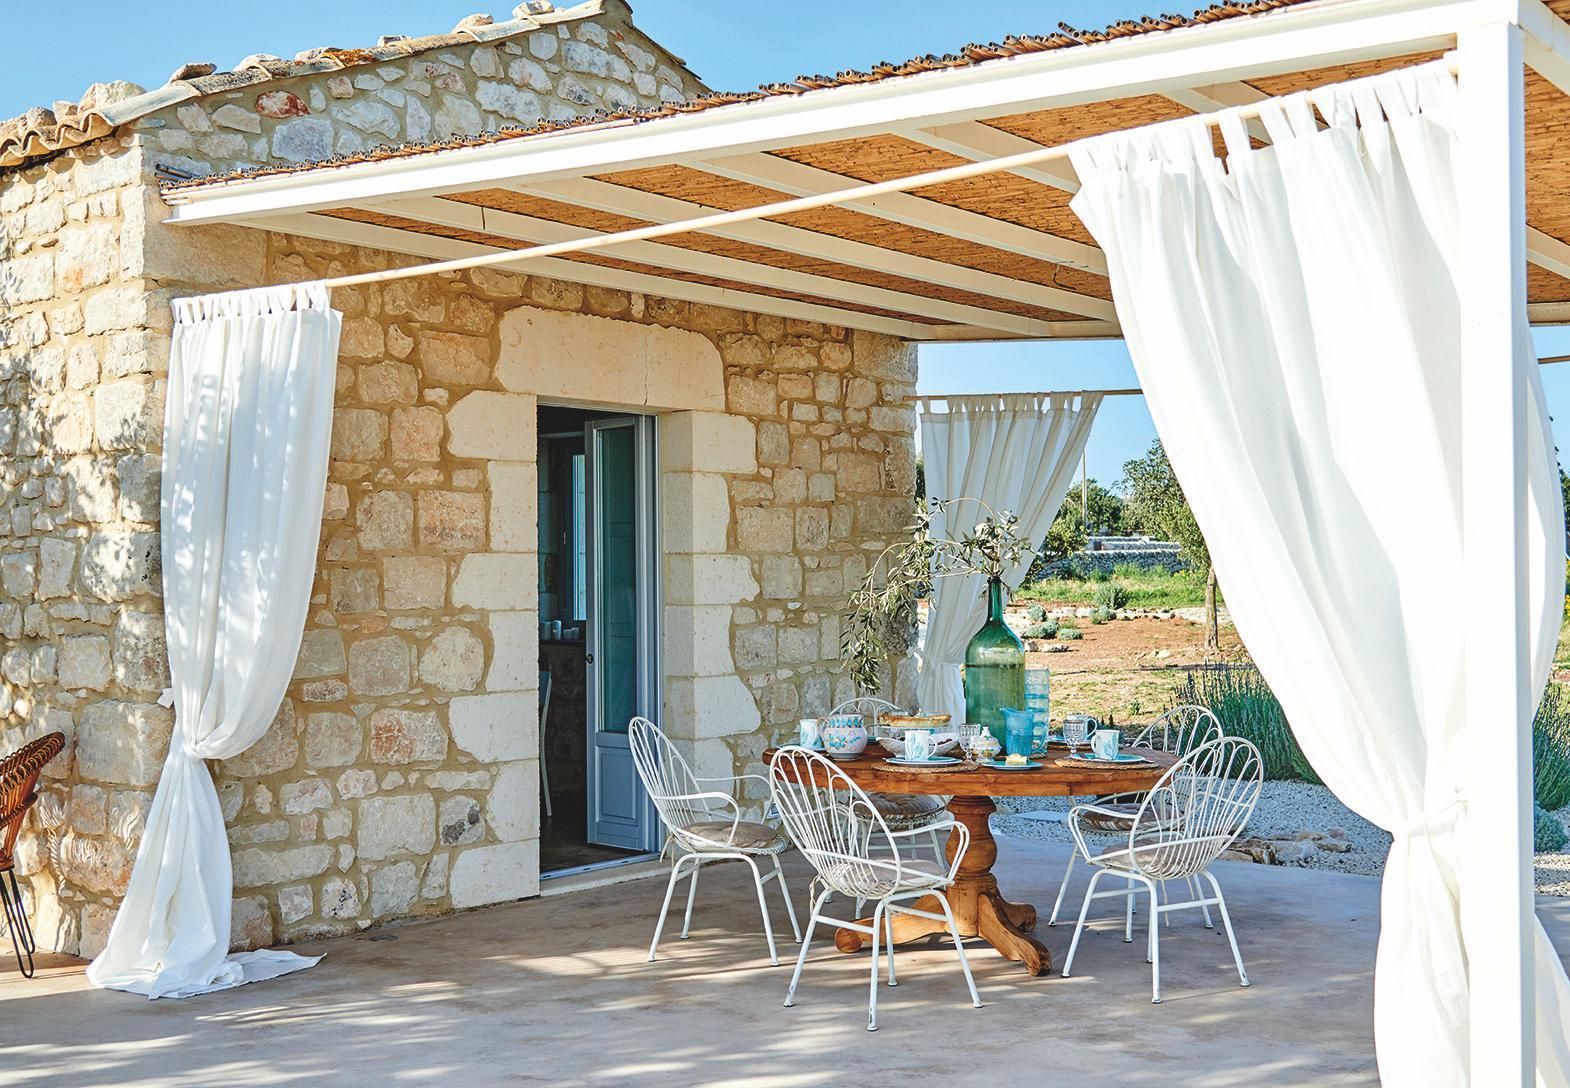 Ville casali arredamento interni design architettura for Interni case country